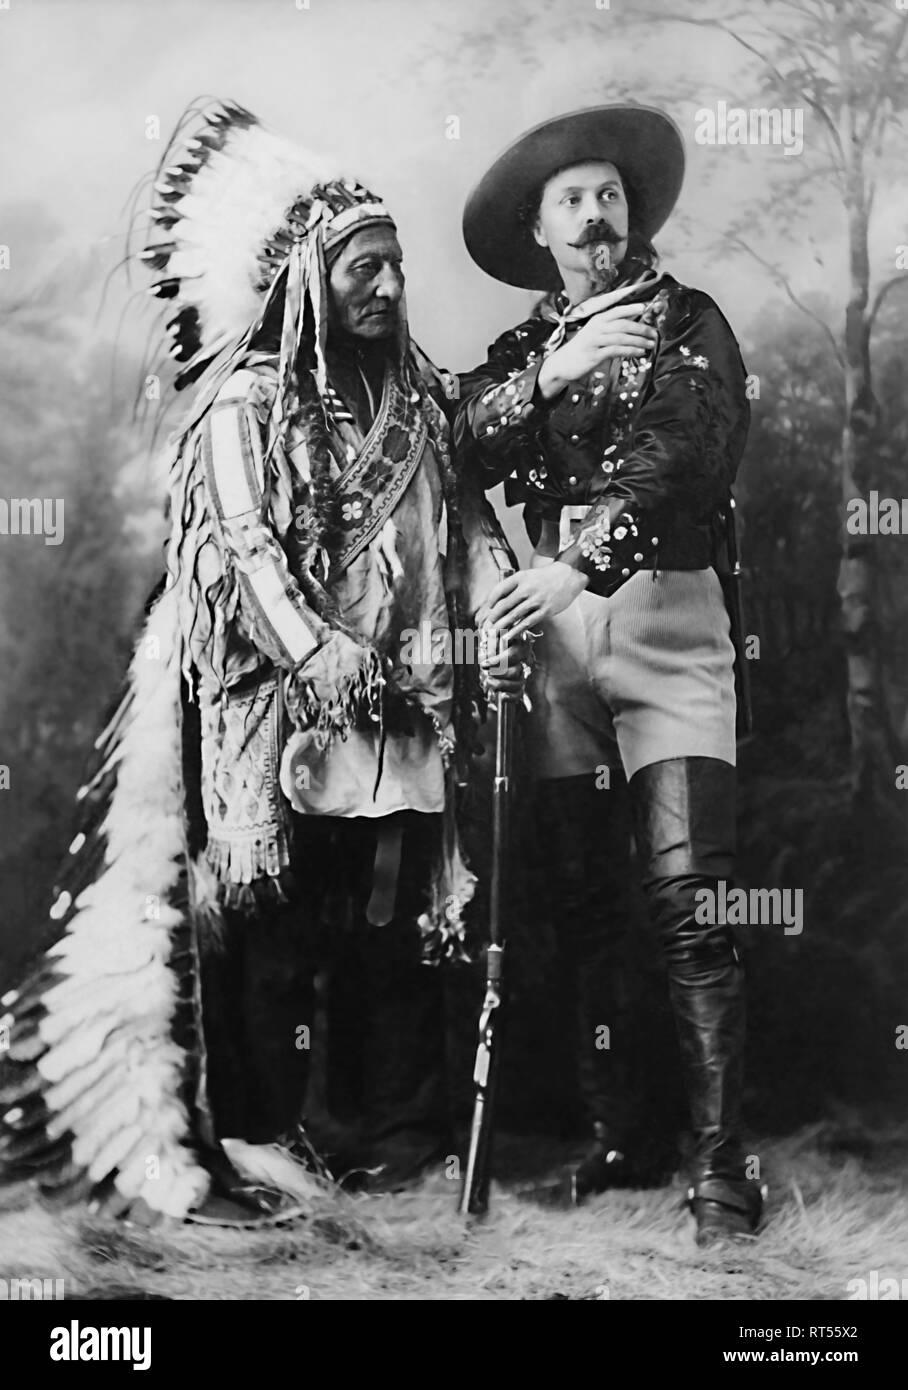 Hunkpapa Lakota Indian Holy Man 6 Sizes! Sitting Bull New Native Photo